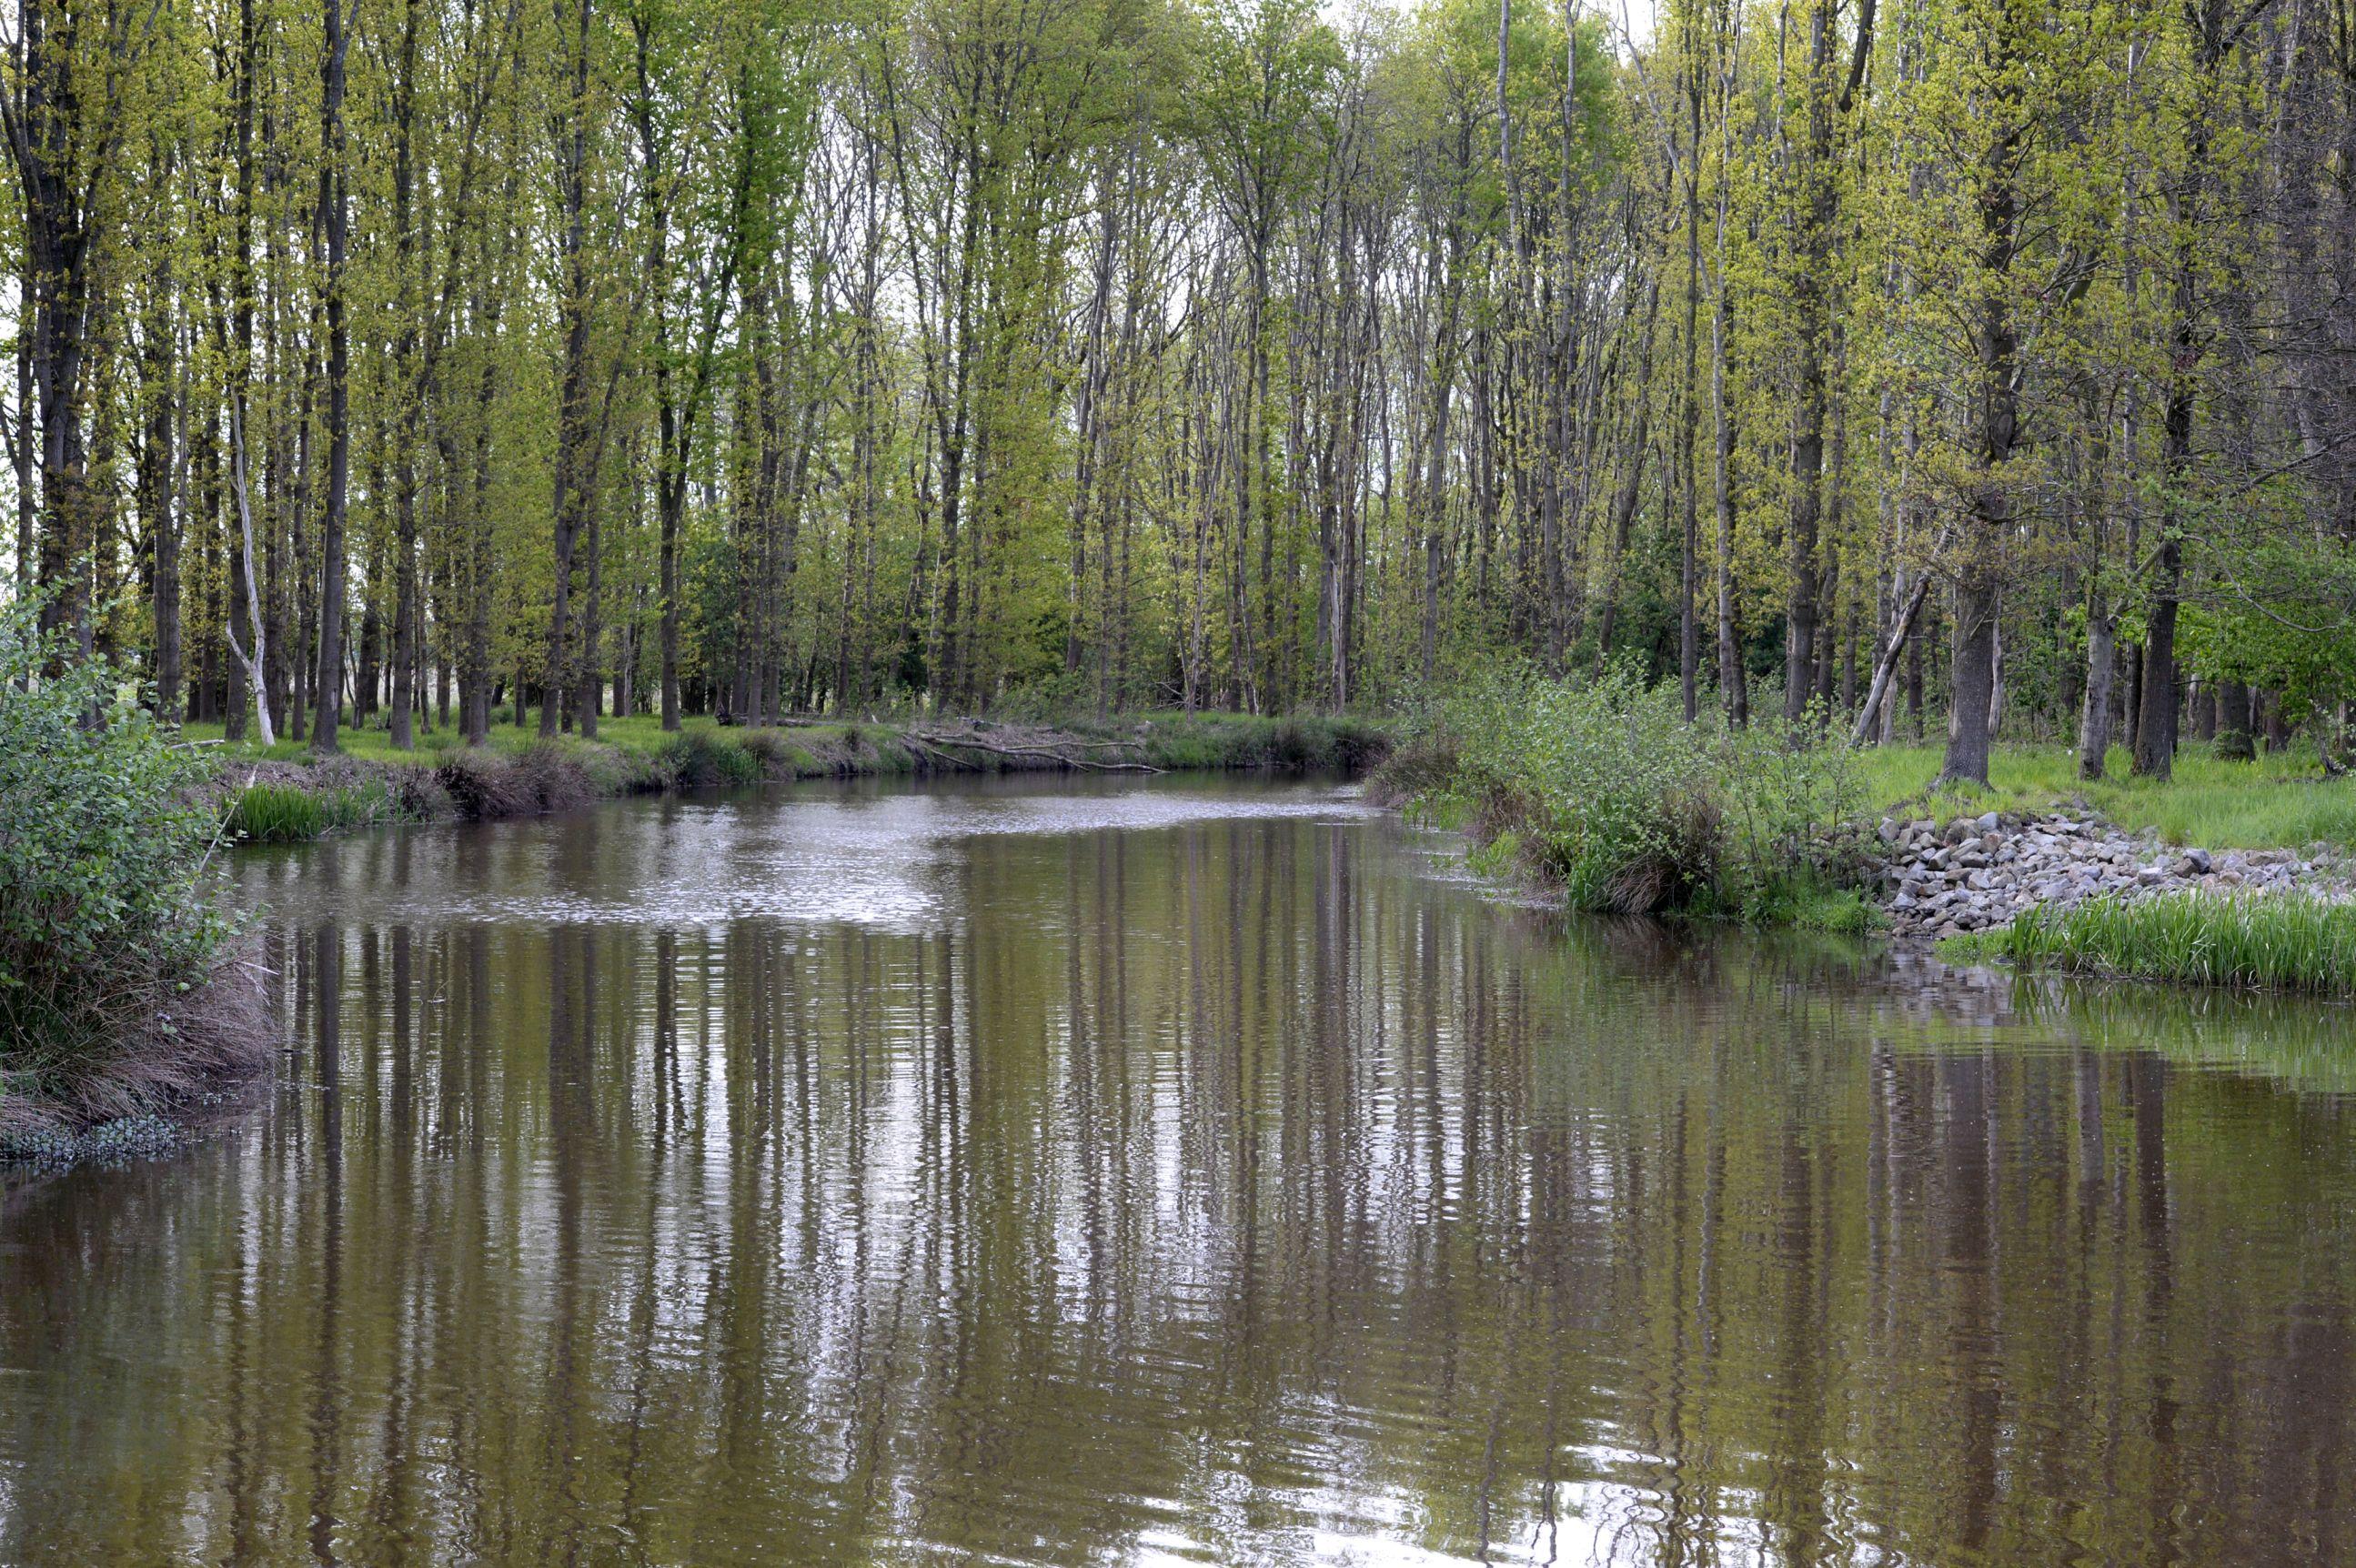 Torenveen-Bonnerklap - Jaap de Vries